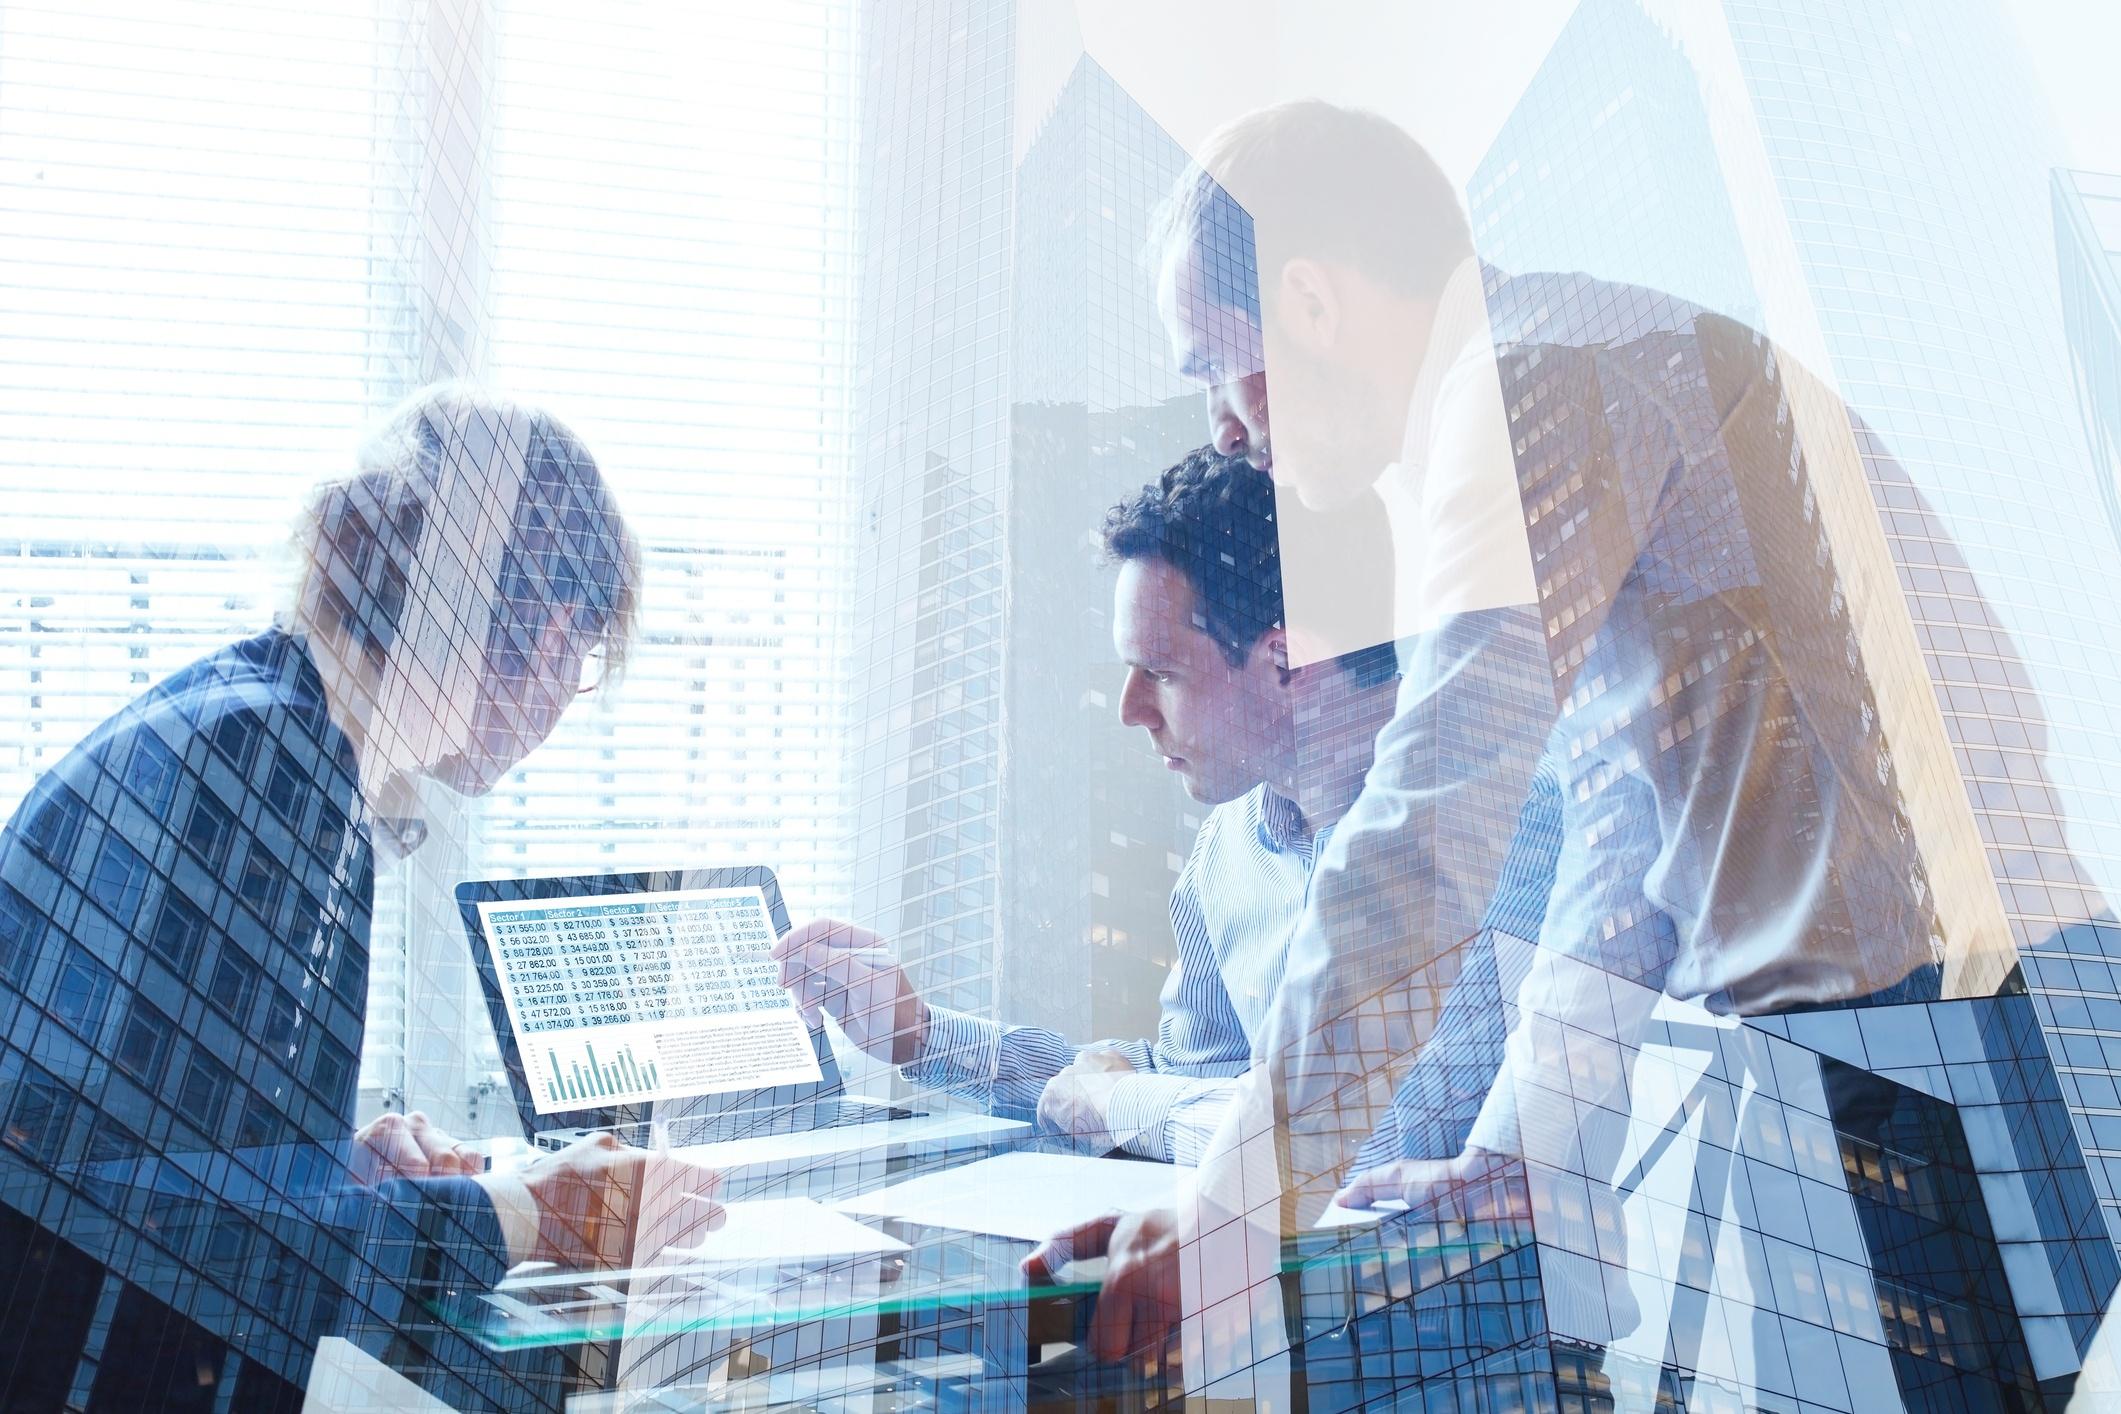 Team_Working_Together_v2.jpg